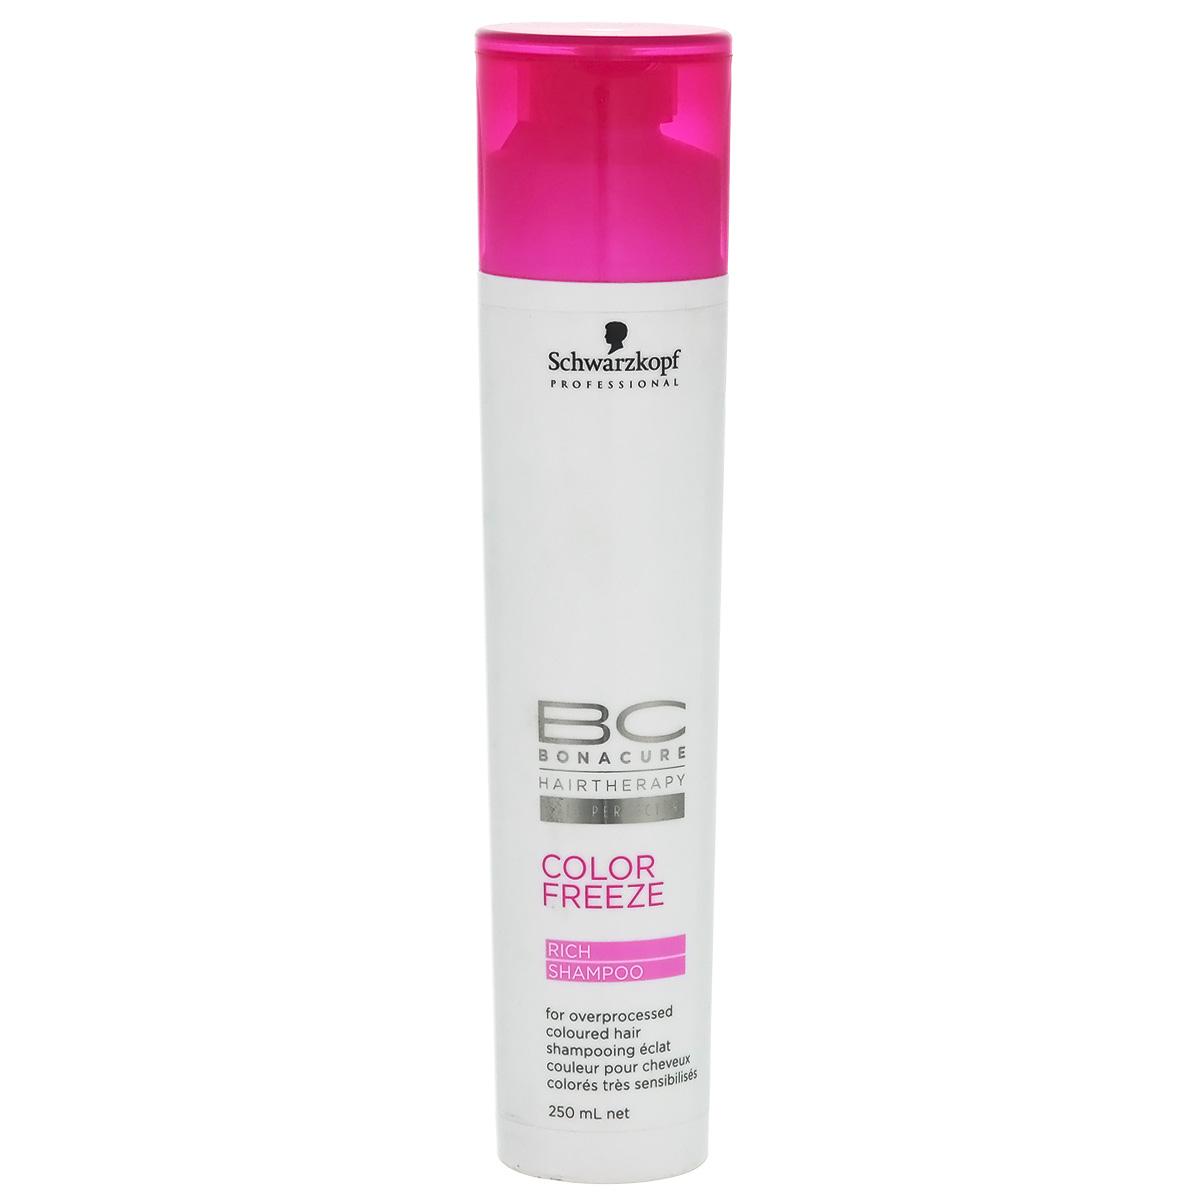 Bonacure Шампунь для волос Сияние Цвета Color Freeze Rich Shampoo 250 млFS-00897Обогащенный шампунь, деликатно и эффективно очищает окрашенные волосы и кожу головы. Укрепляет структуру волос и удерживает оптимальный уровень pH 4.5, запечатывает окрашенные волосы и сводит к нулю потерю цвета. Для окрашенных волос. Для достижения максимального результата рекомендуется использовать в комплексе с продуктами ухода линии BC Color Freeze.